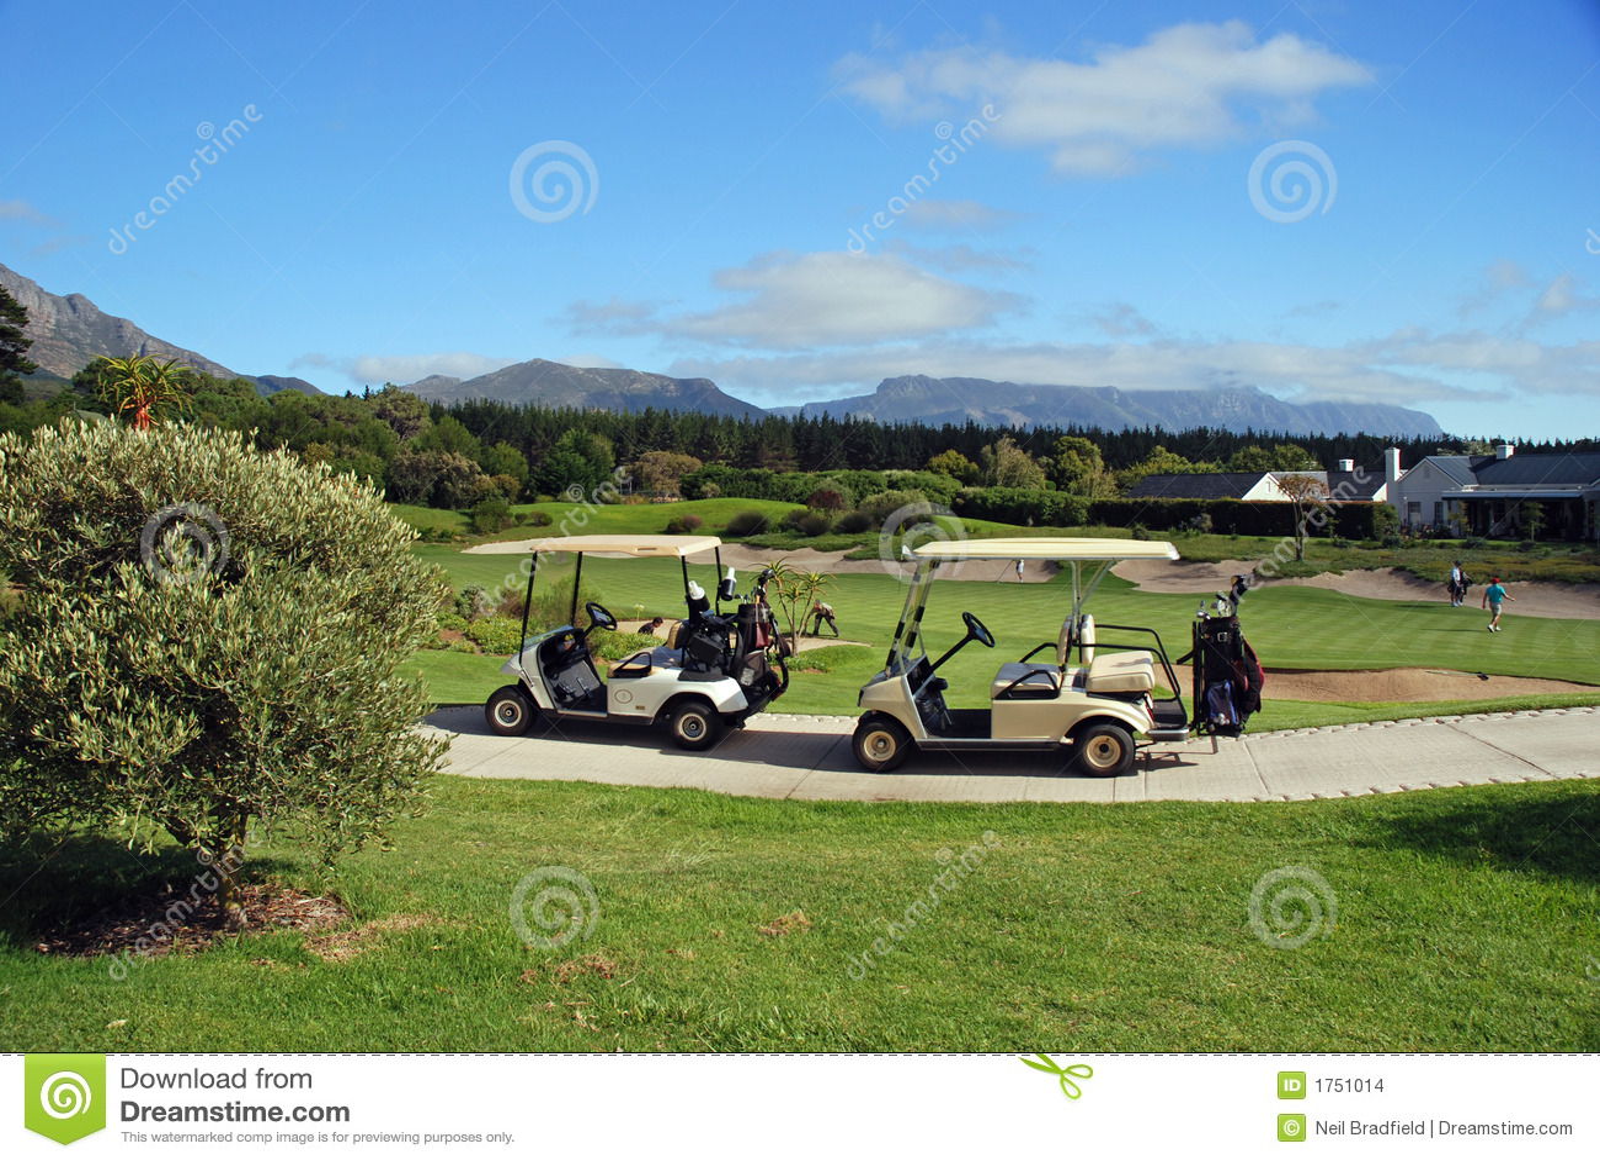 Carros de golfe